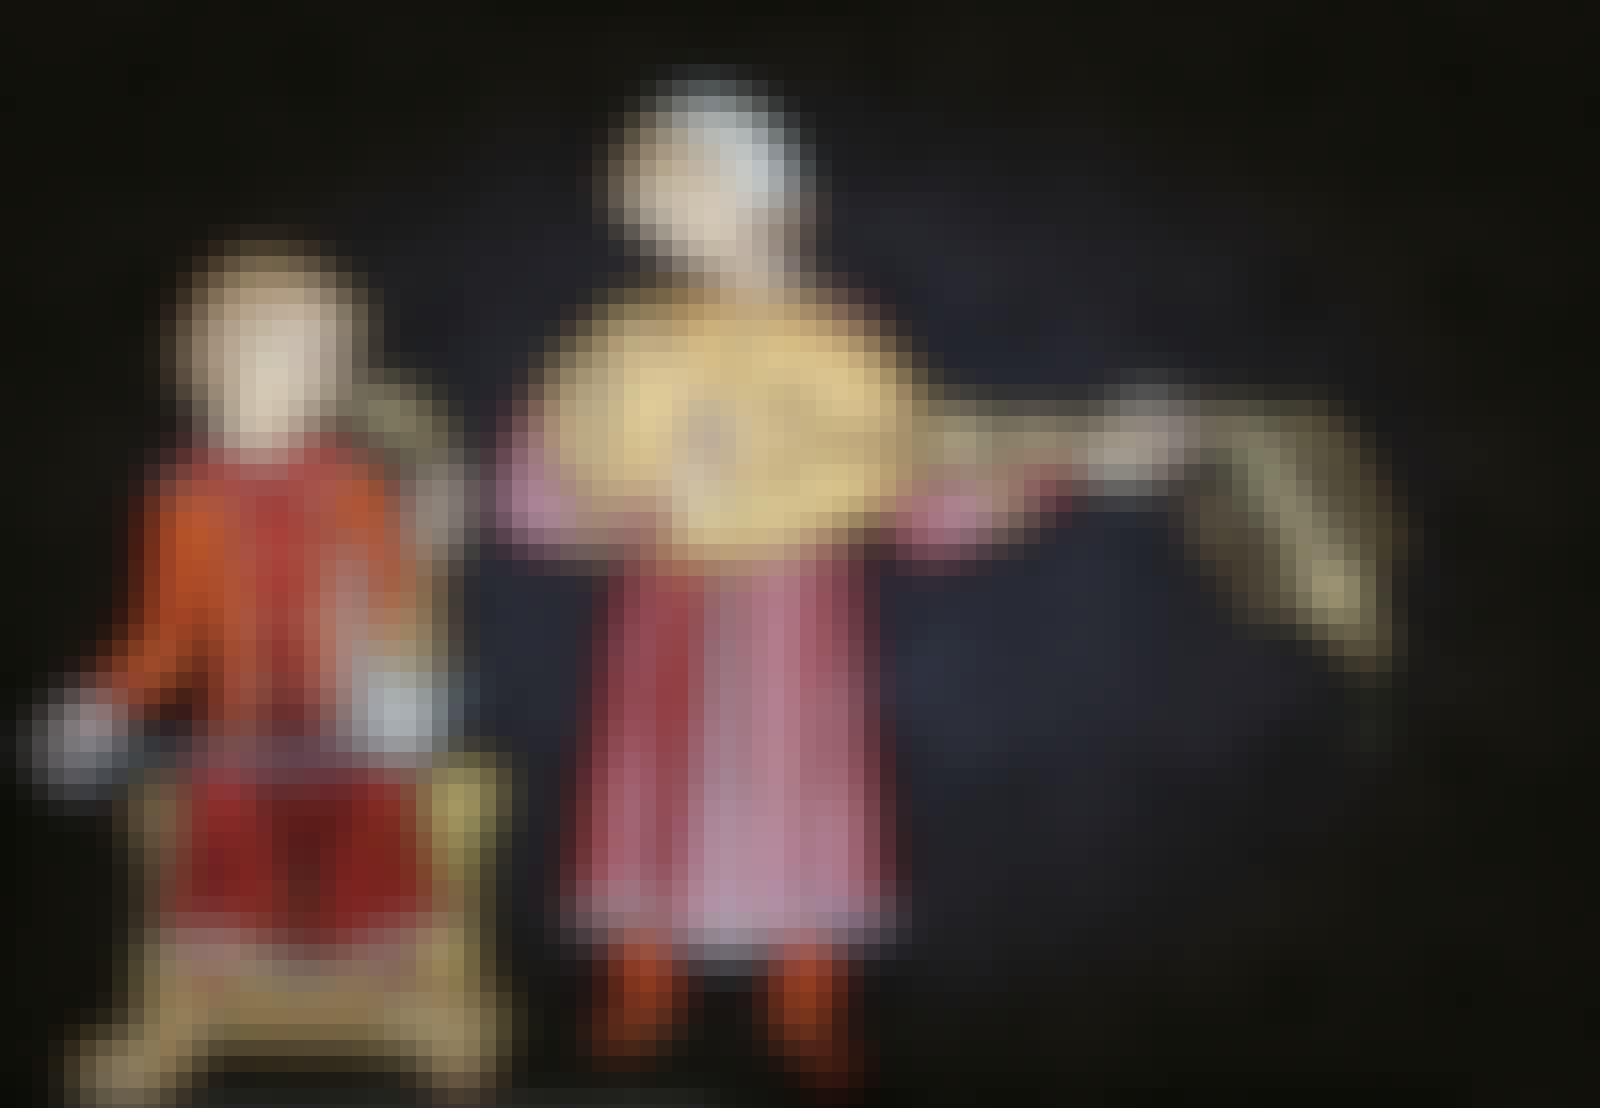 Trubadurer eller minnesangere fra middelalderen